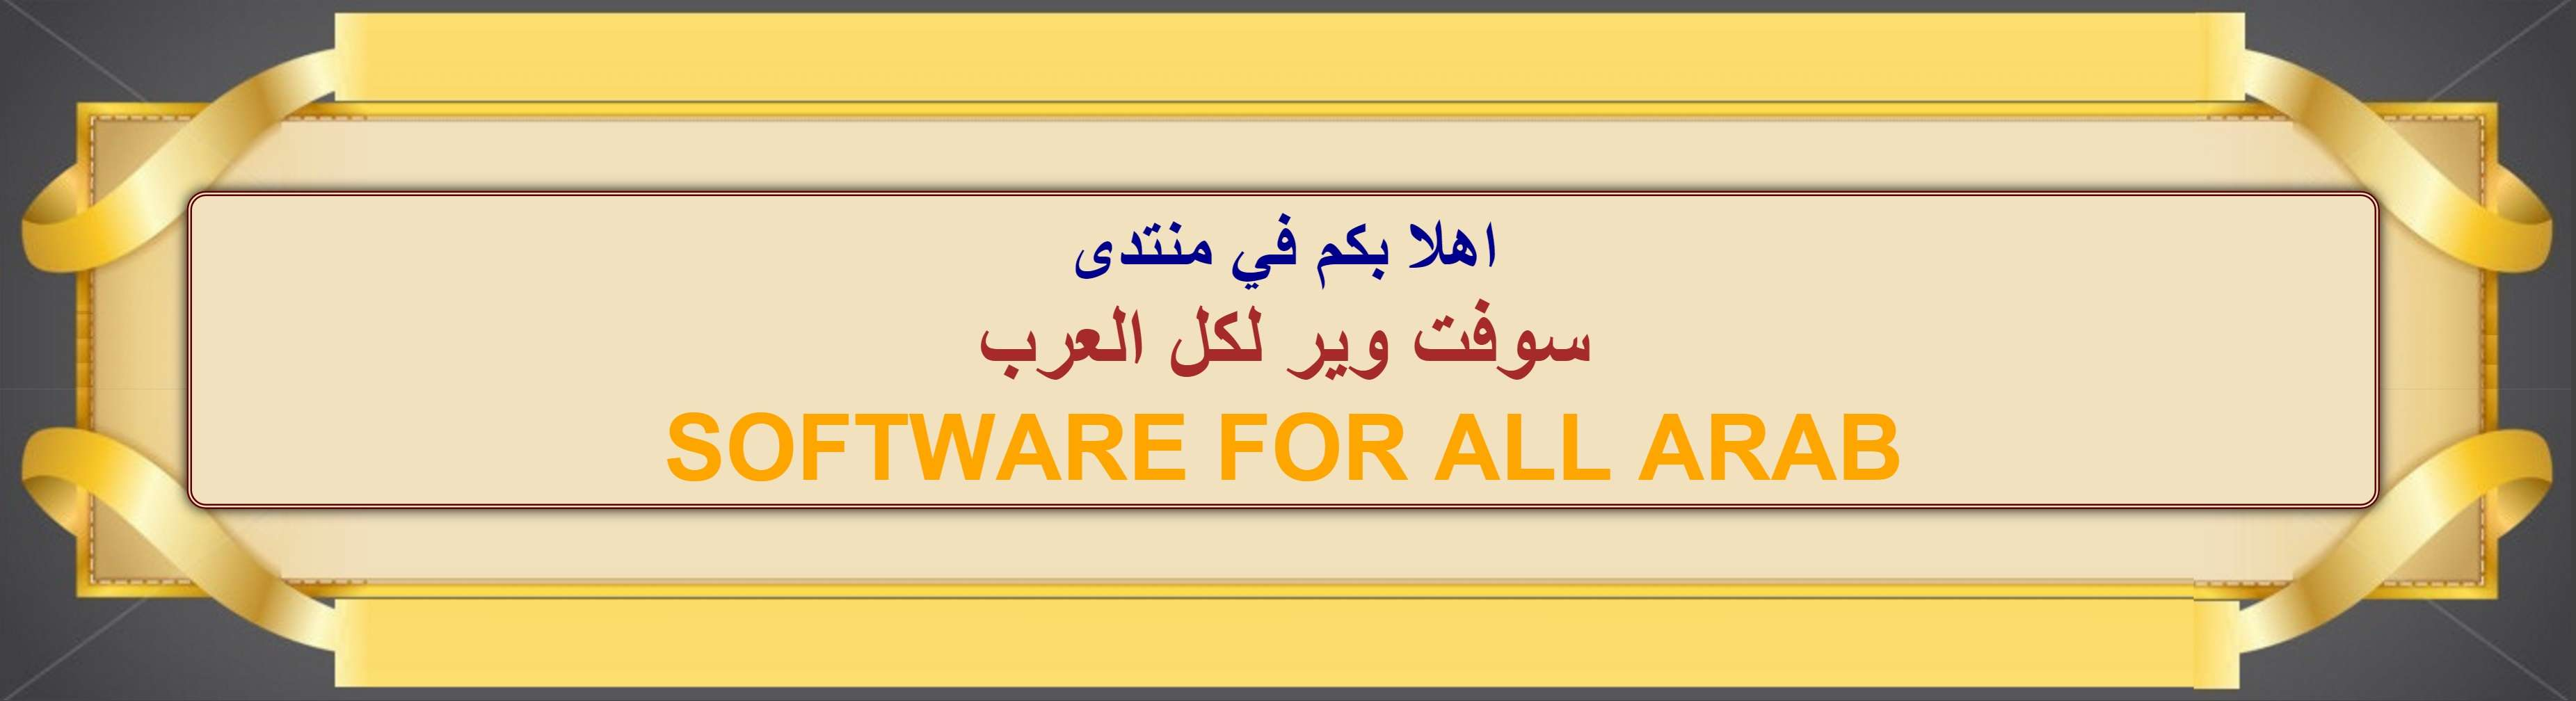 منتدى سوفت وير لكل العرب  SOFTWARE FOR ALL ARAB